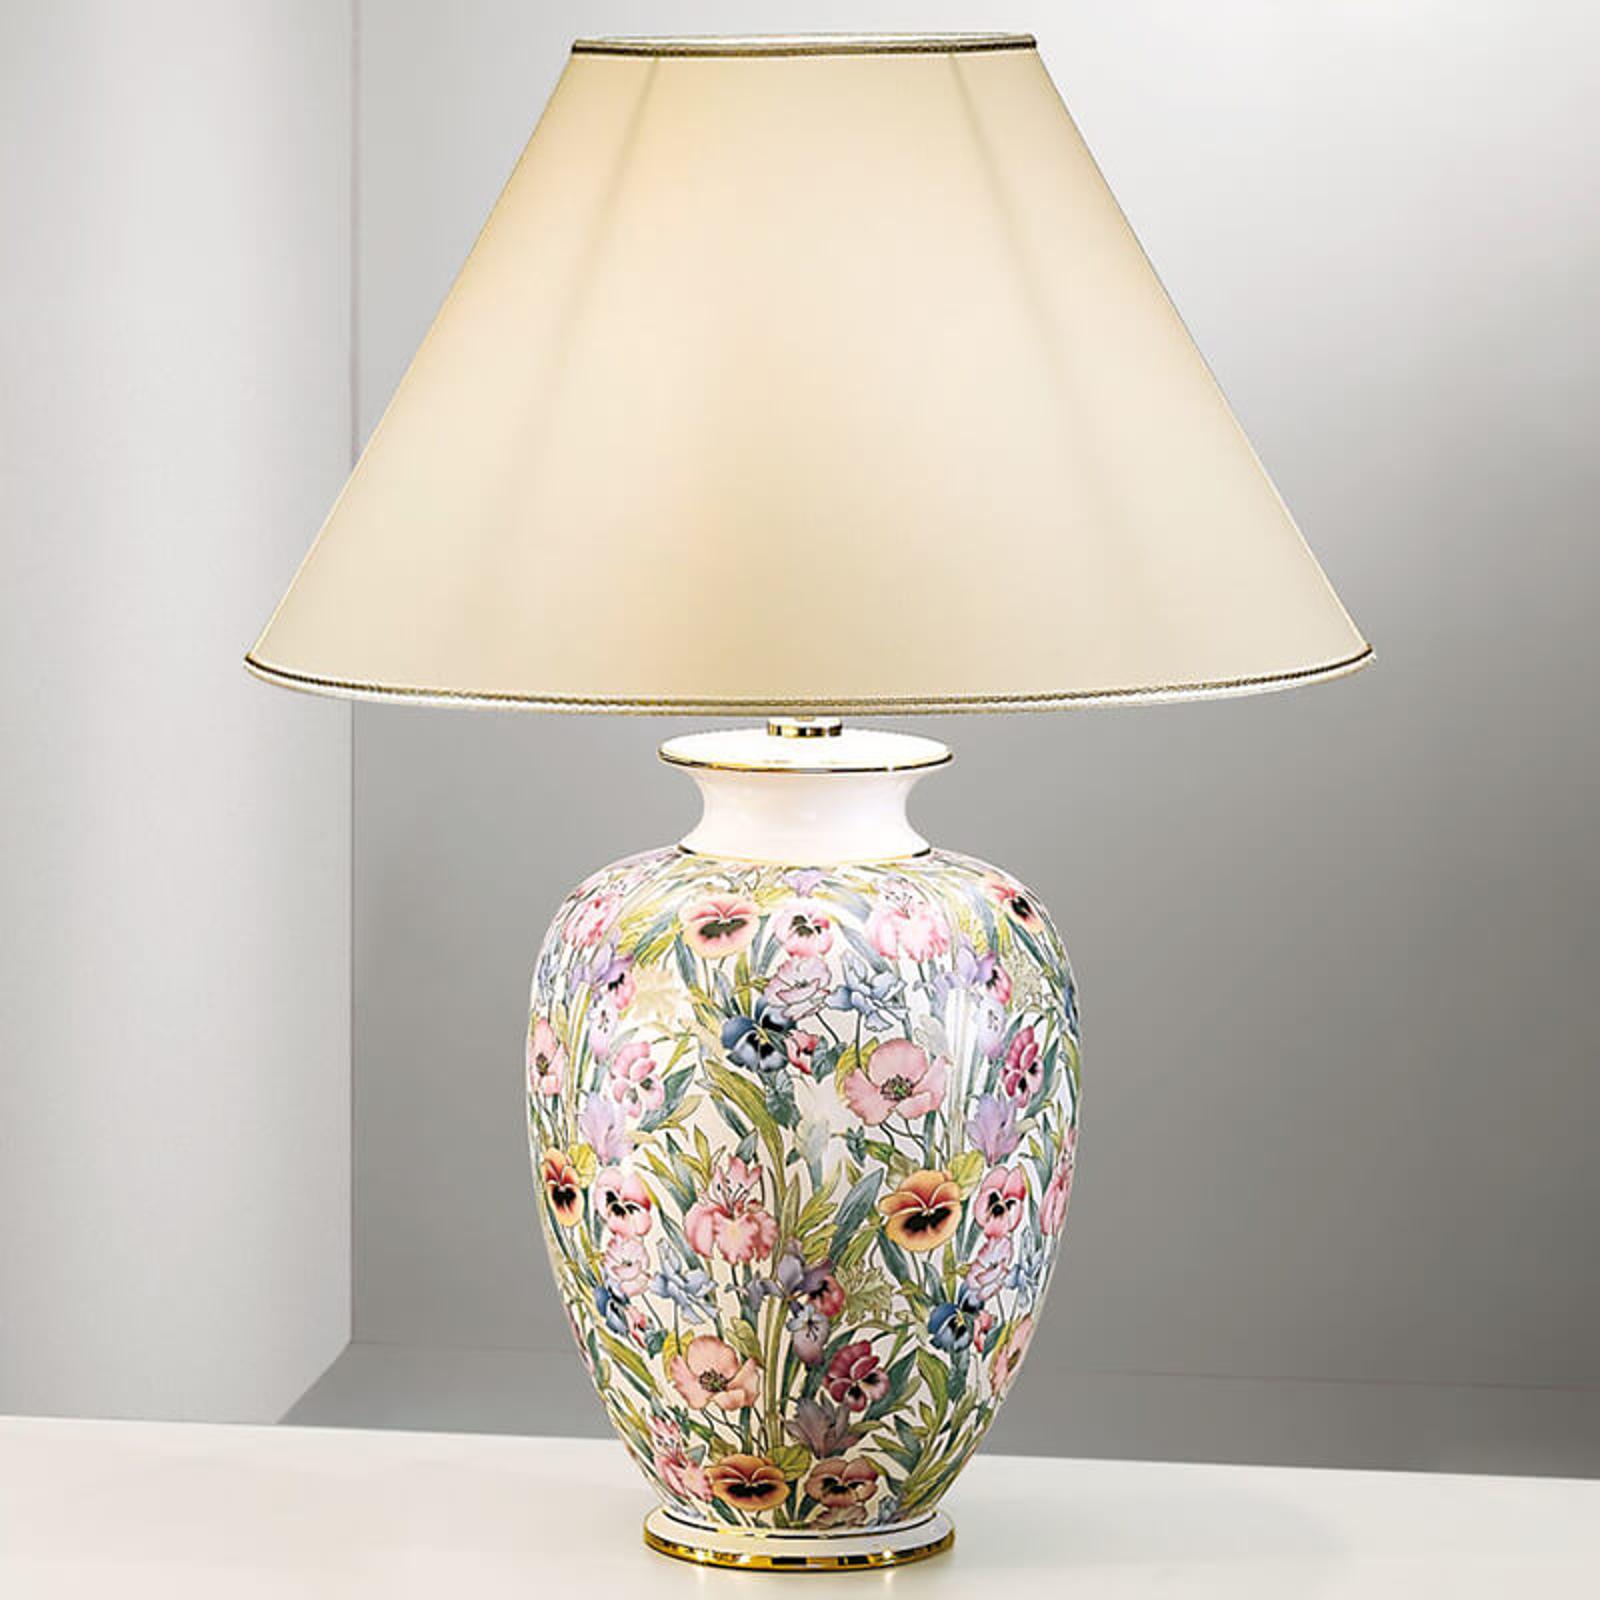 KOLARZ Giardino Panse - florale Tischleuchte 50 cm